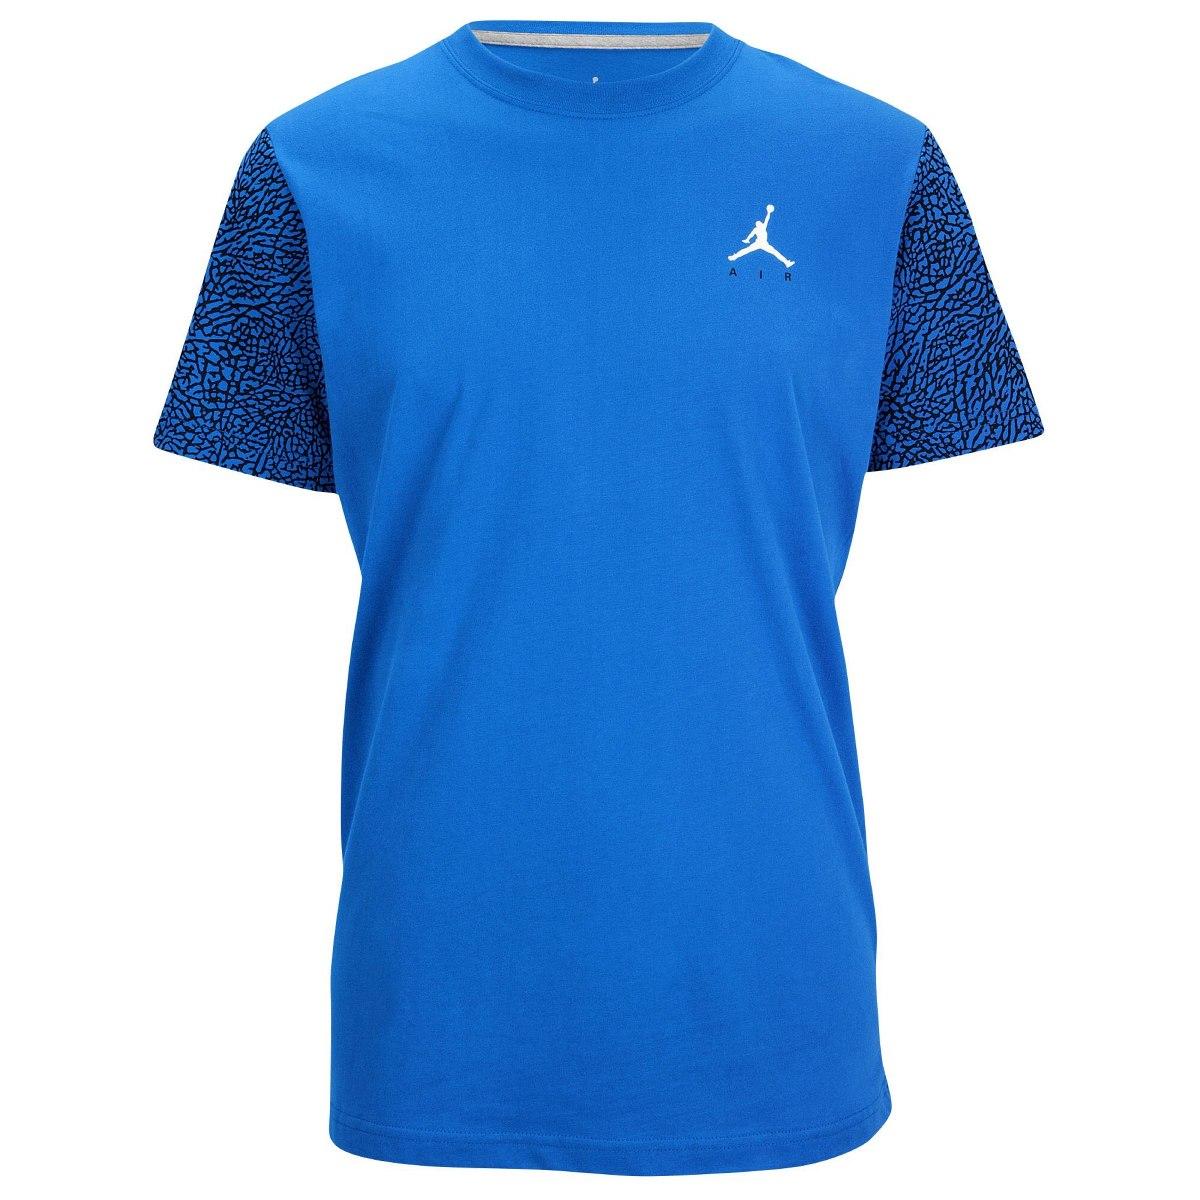 buy popular 09156 e273d Ropa Nike Jordan Playera Ele Sleeve Xl Swag Nueva Y Original